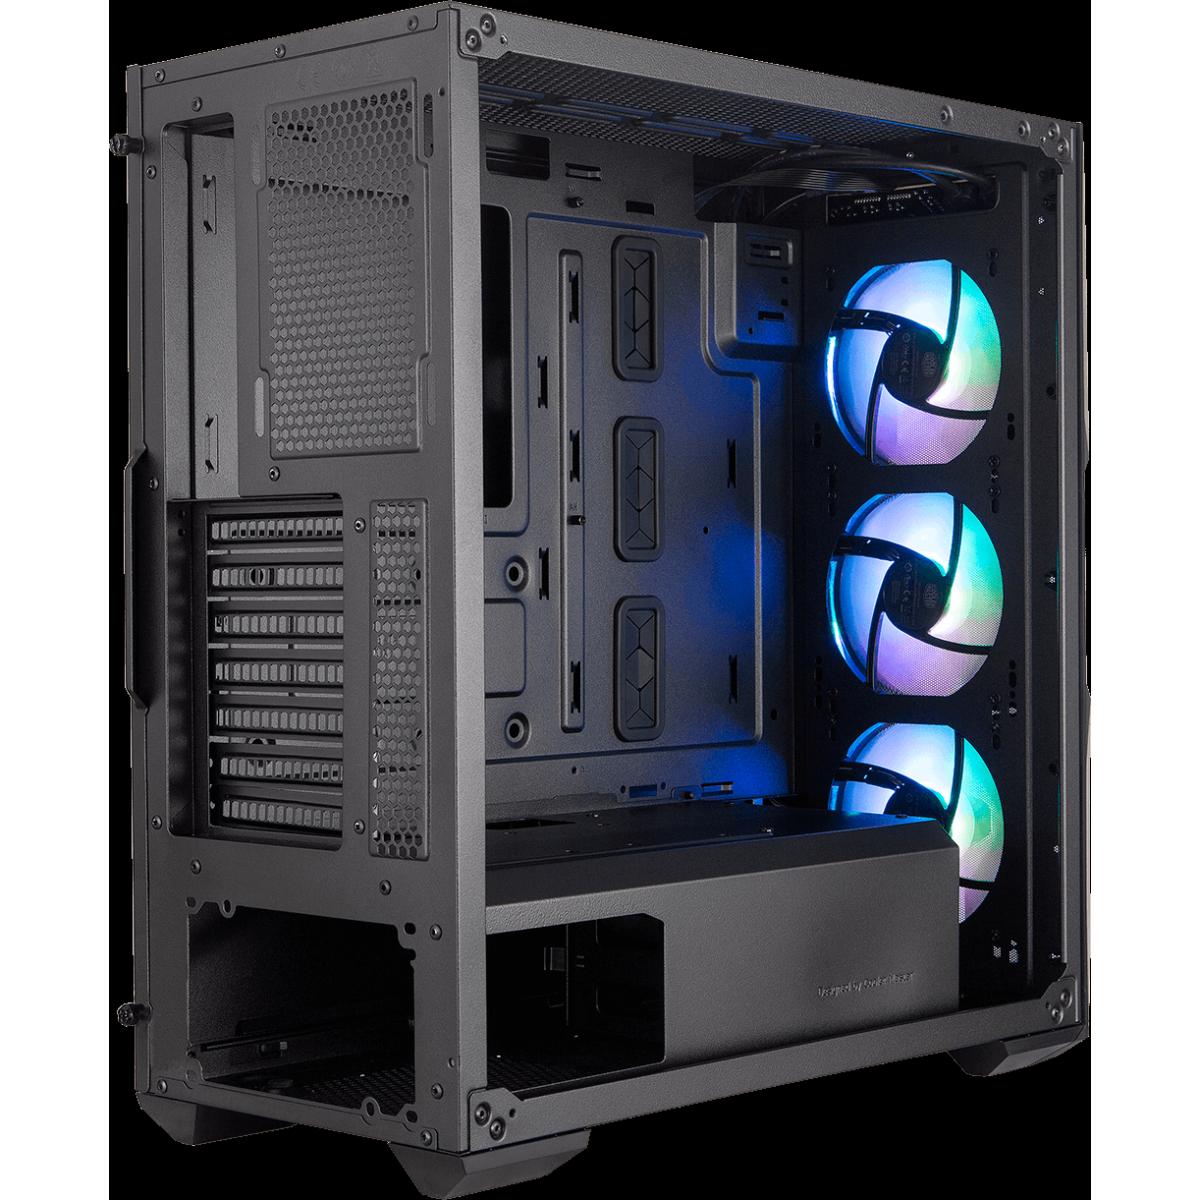 Gabinete Gamer Cooler Master Masterbox TD500 Mesh, Mid Tower, Vidro Temperado, Black, Sem Fonte, Com 3 Fans, MCB-D500D-KGNN-S01